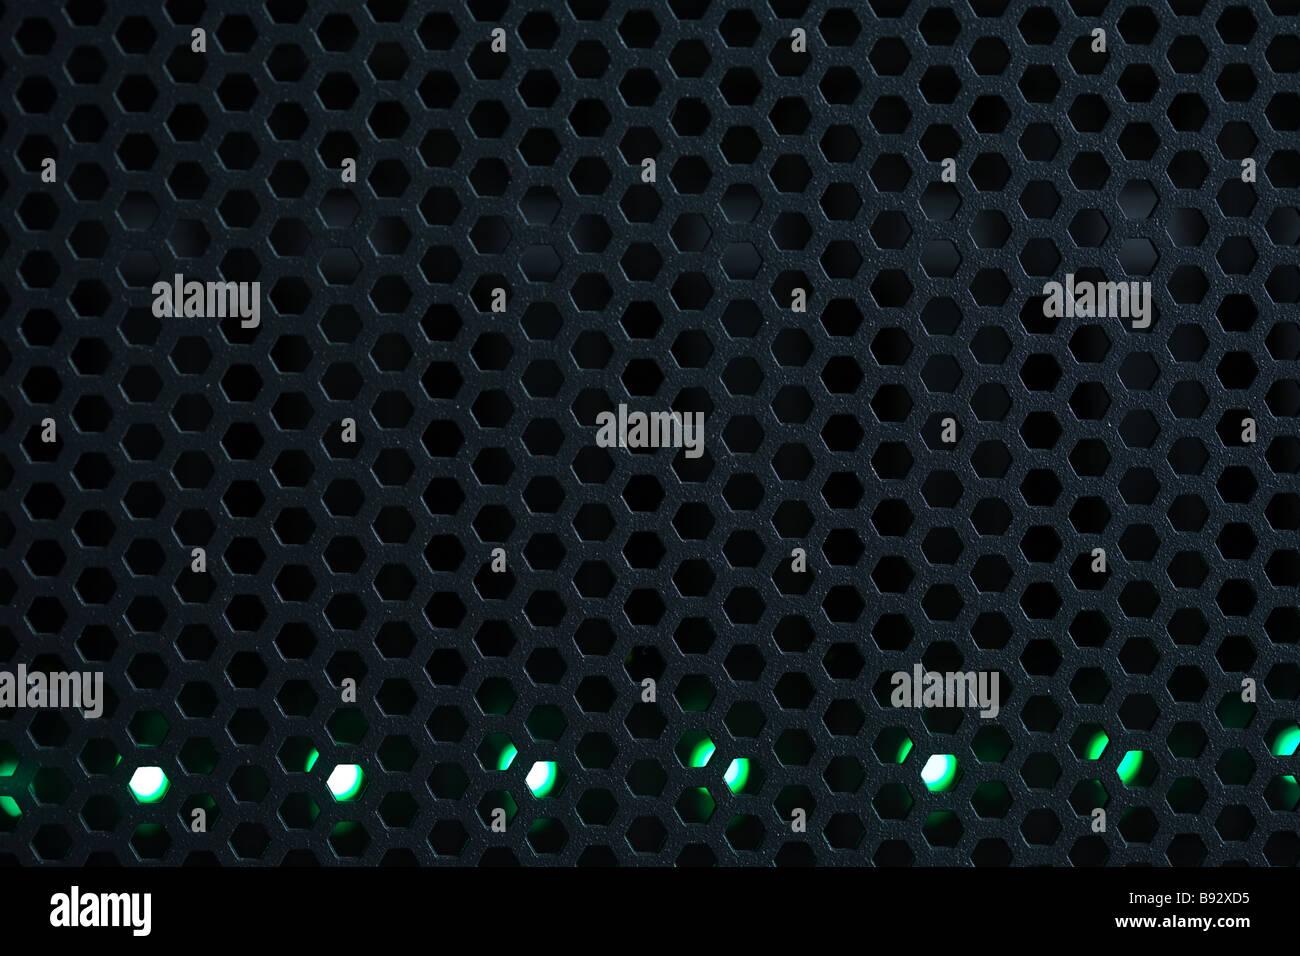 comb, indicators, LED, SCSI, data, database, disk, harddrive, information technologies, it, patchcord, server, center, - Stock Image